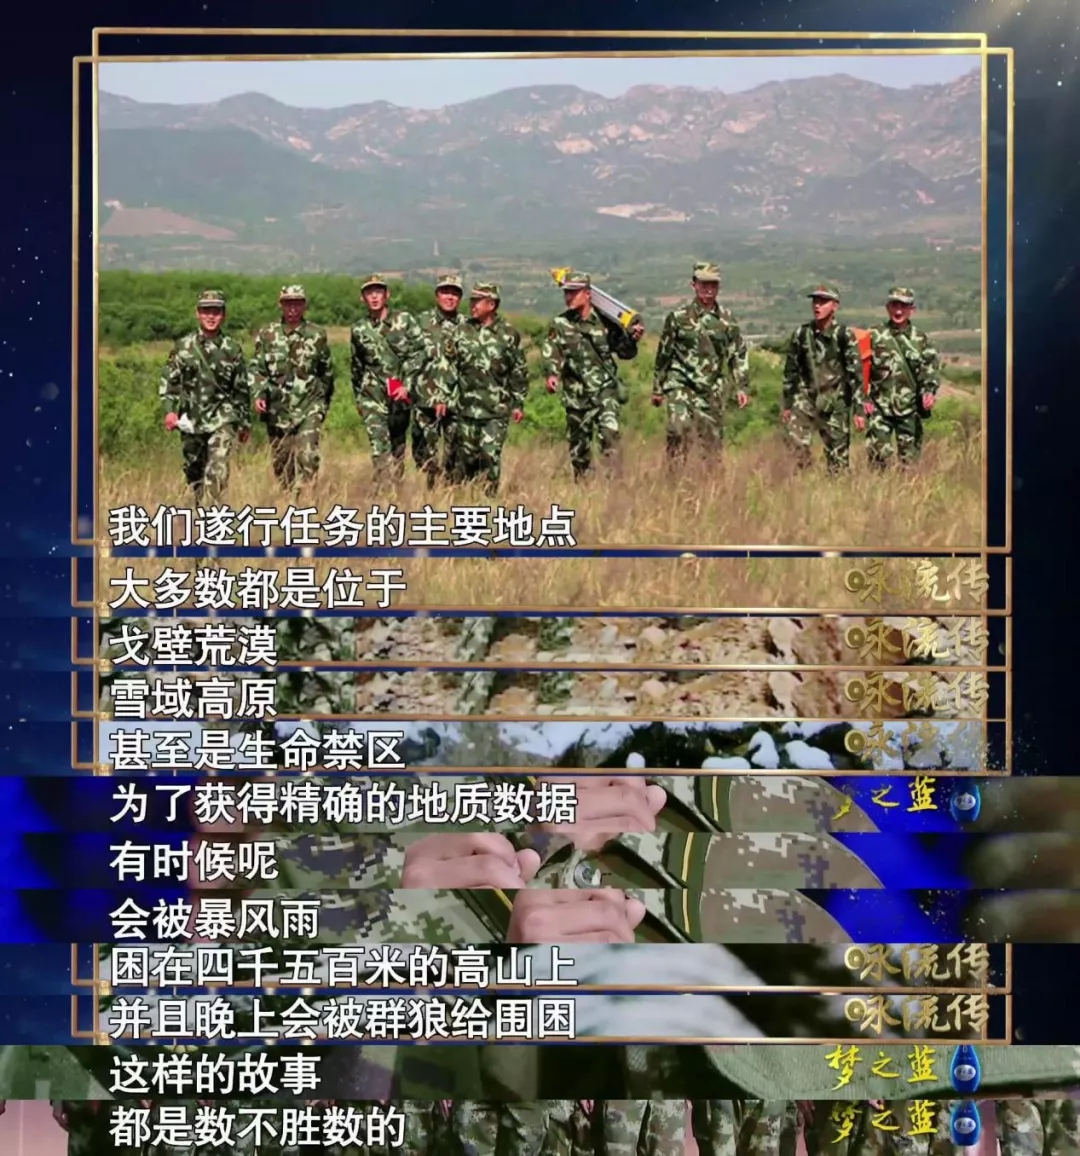 中国地质大学北京武警黄金部队国防生